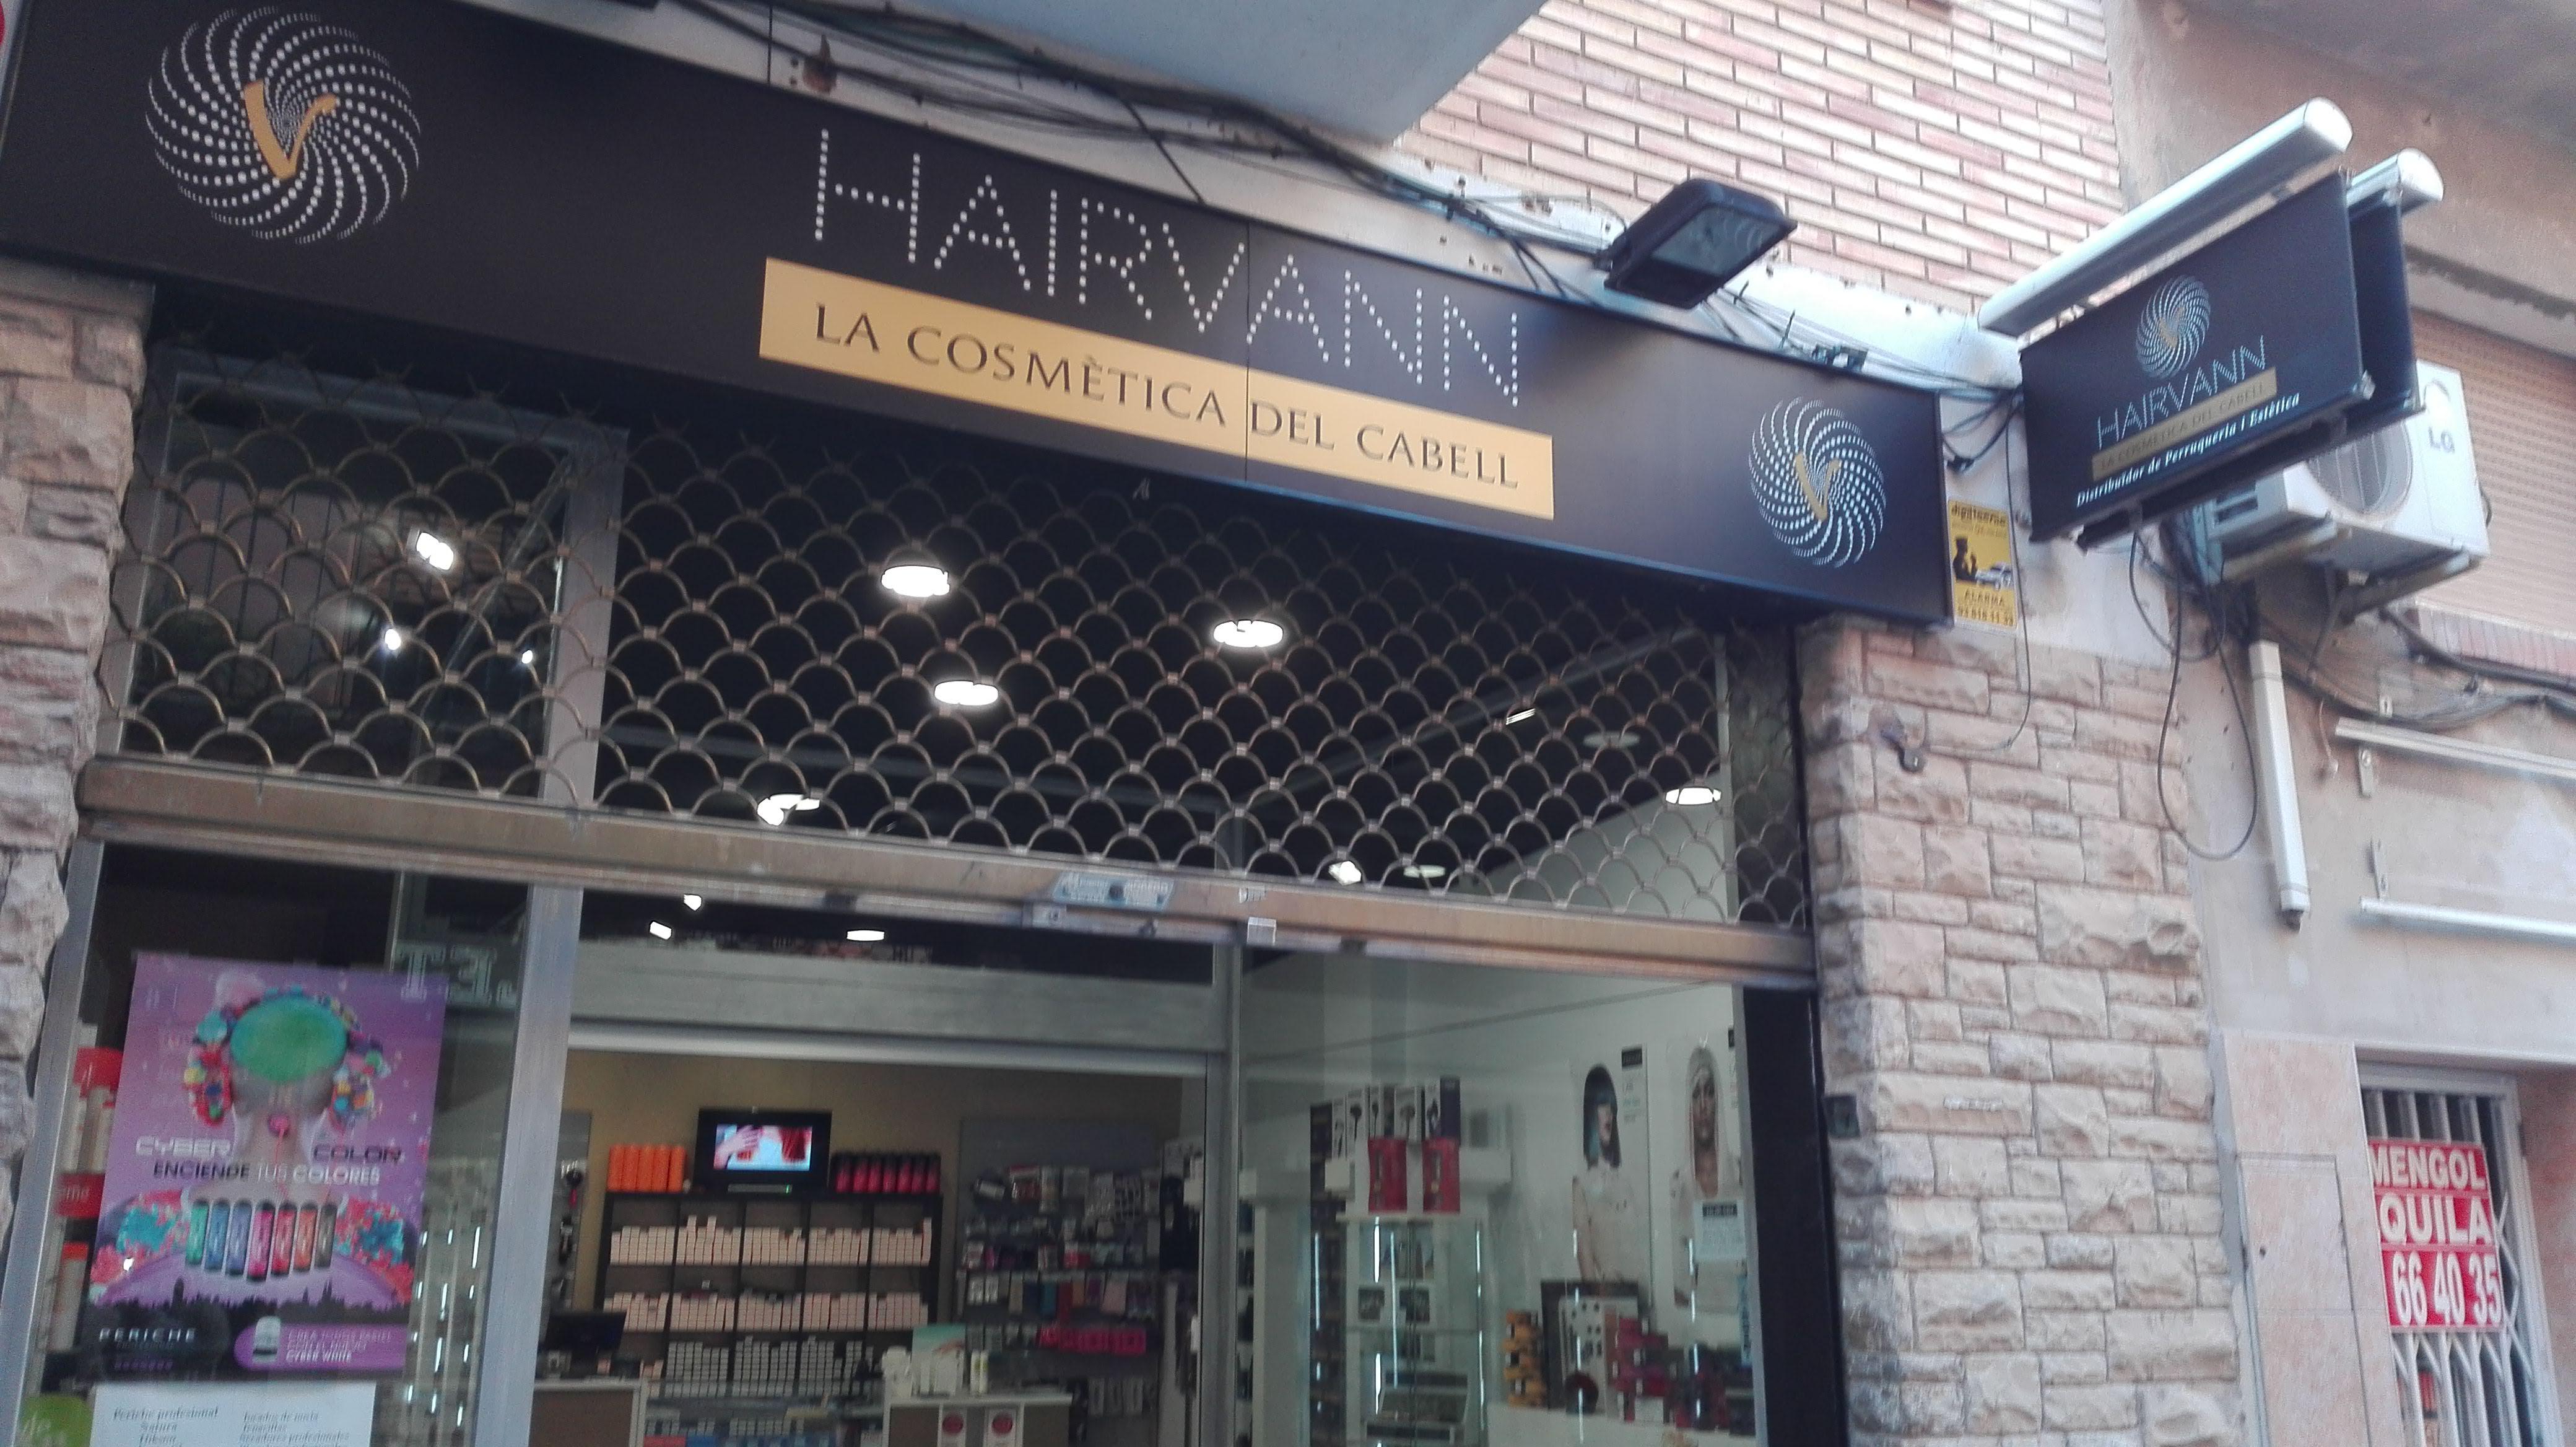 Imágenes de Hairvann Distribuidor perruqueria i estètica